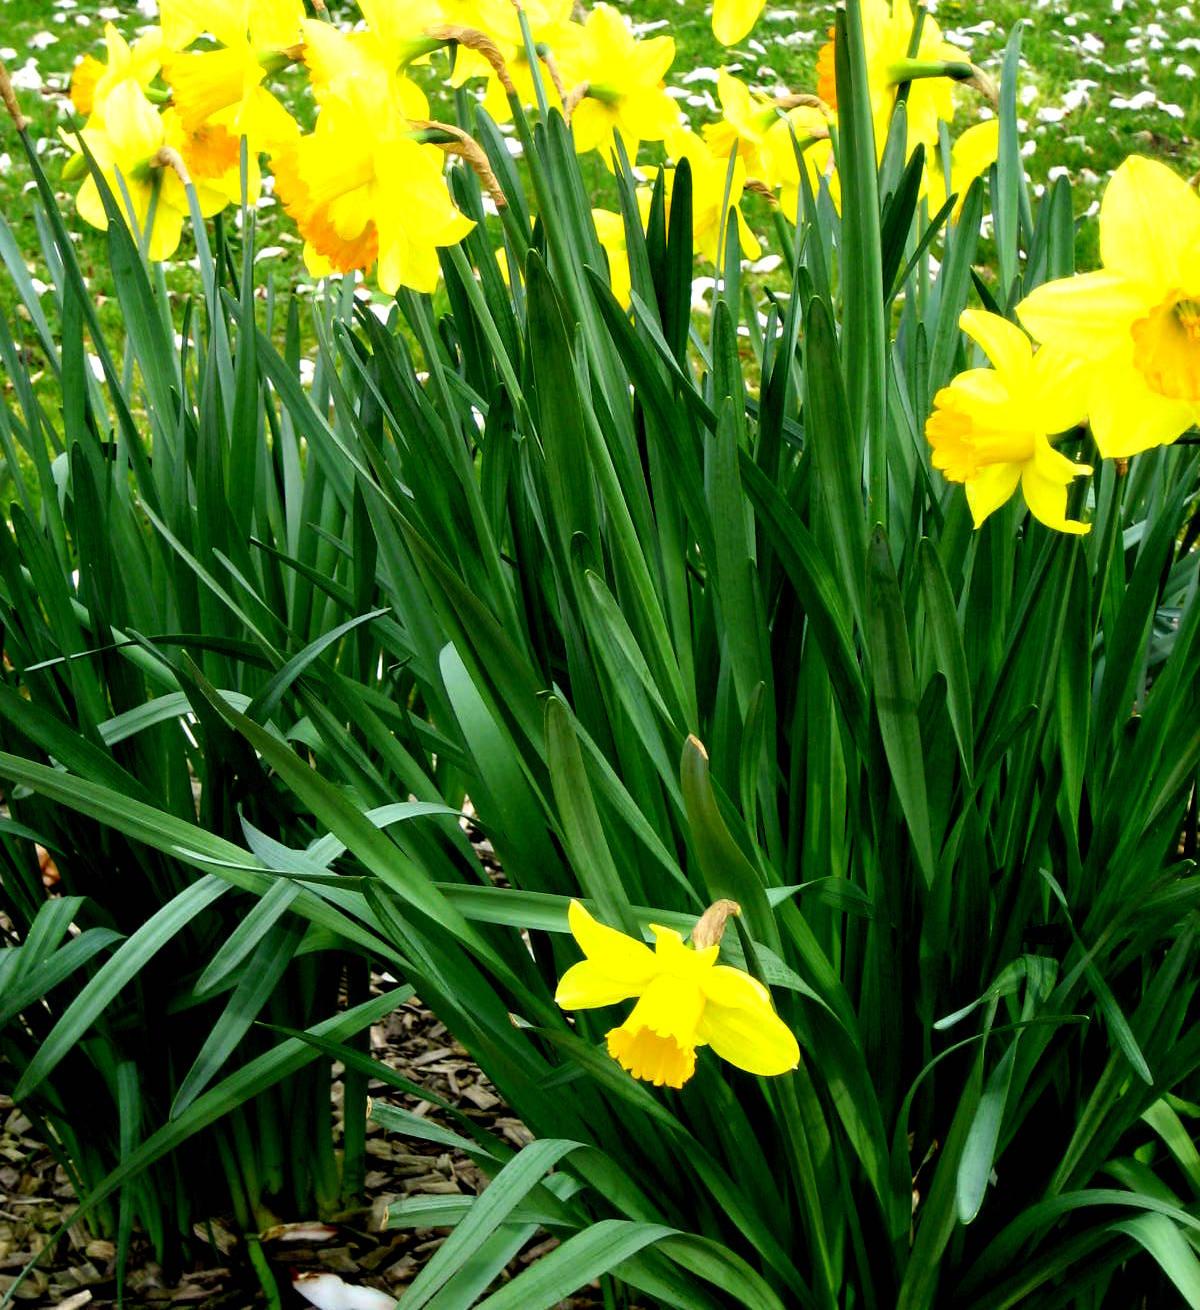 primavera (5)2